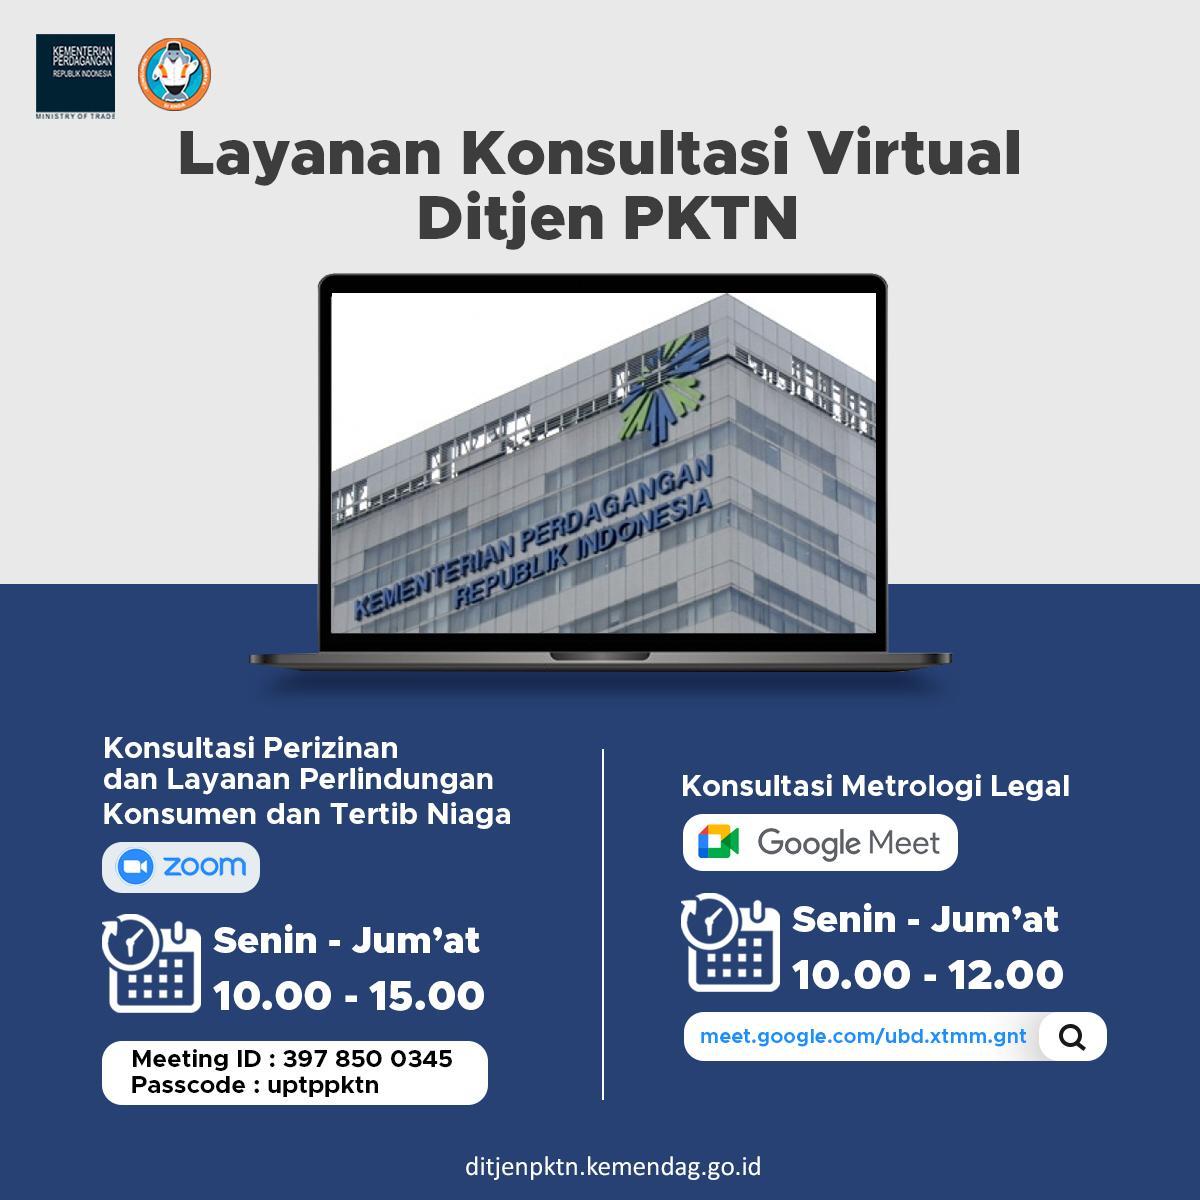 Layanan Konsultasi Virtual Ditjen PKTN